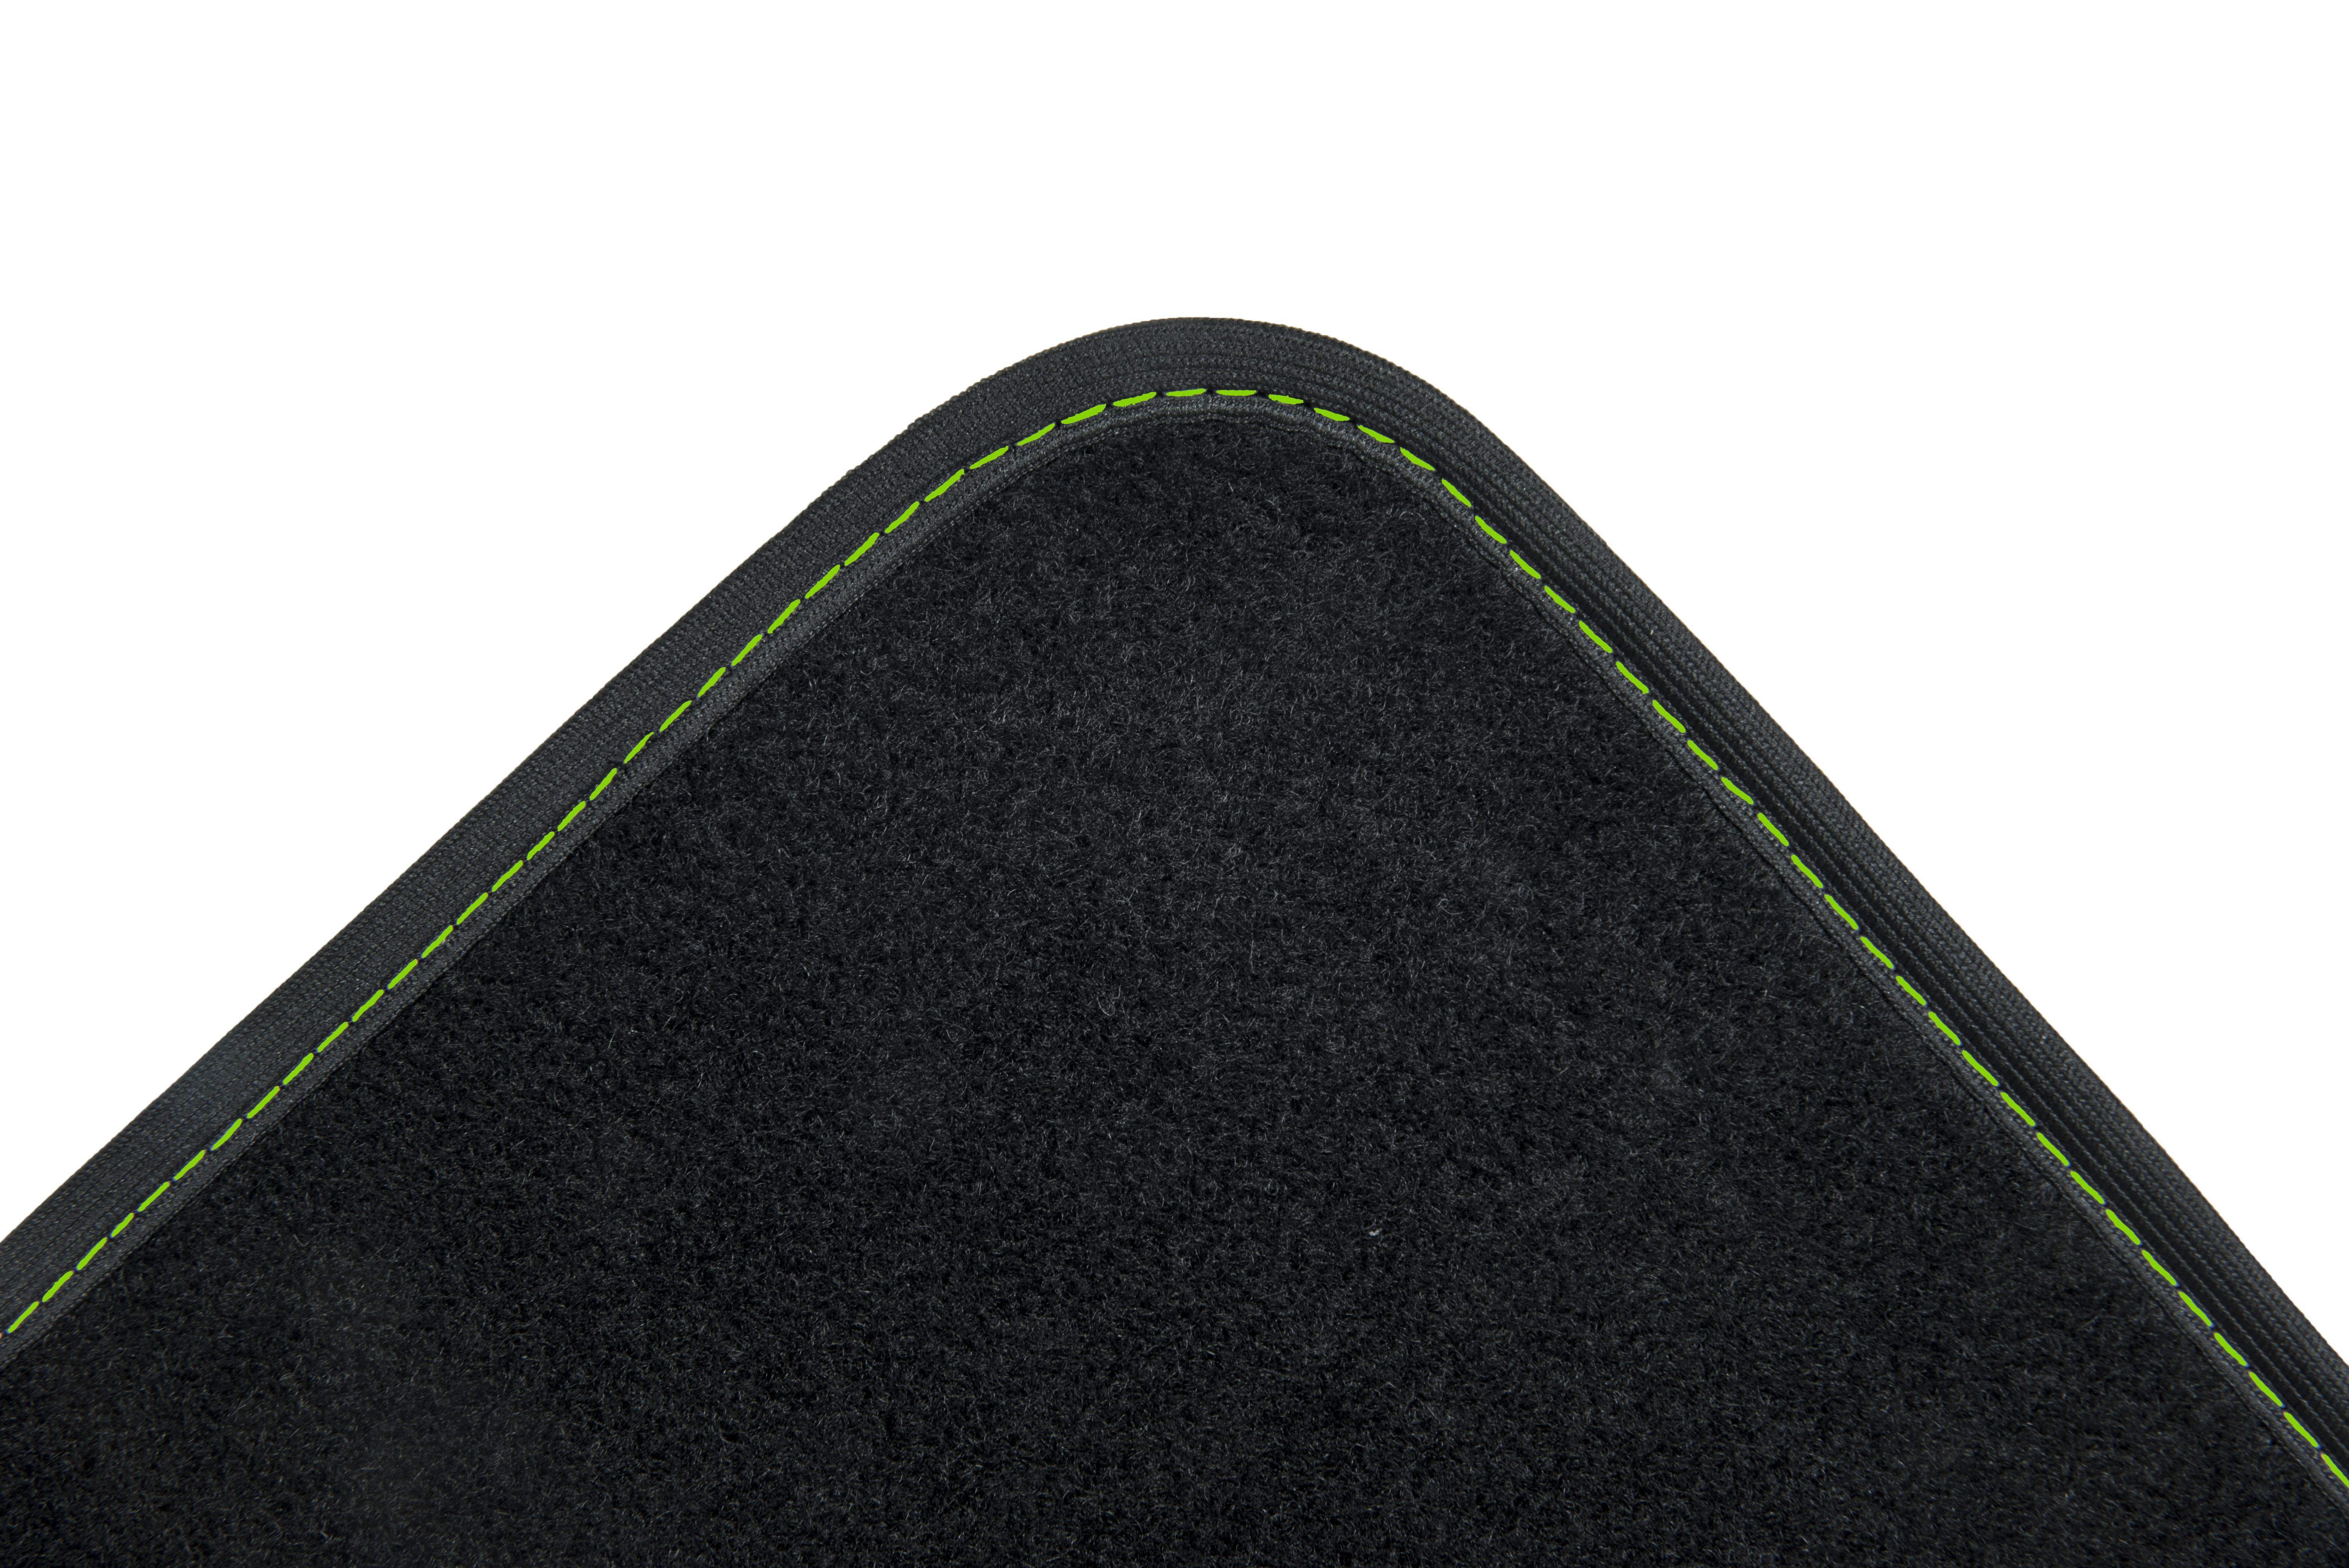 01765719 Fußmattensatz DBS - Unsere Kunden empfehlen